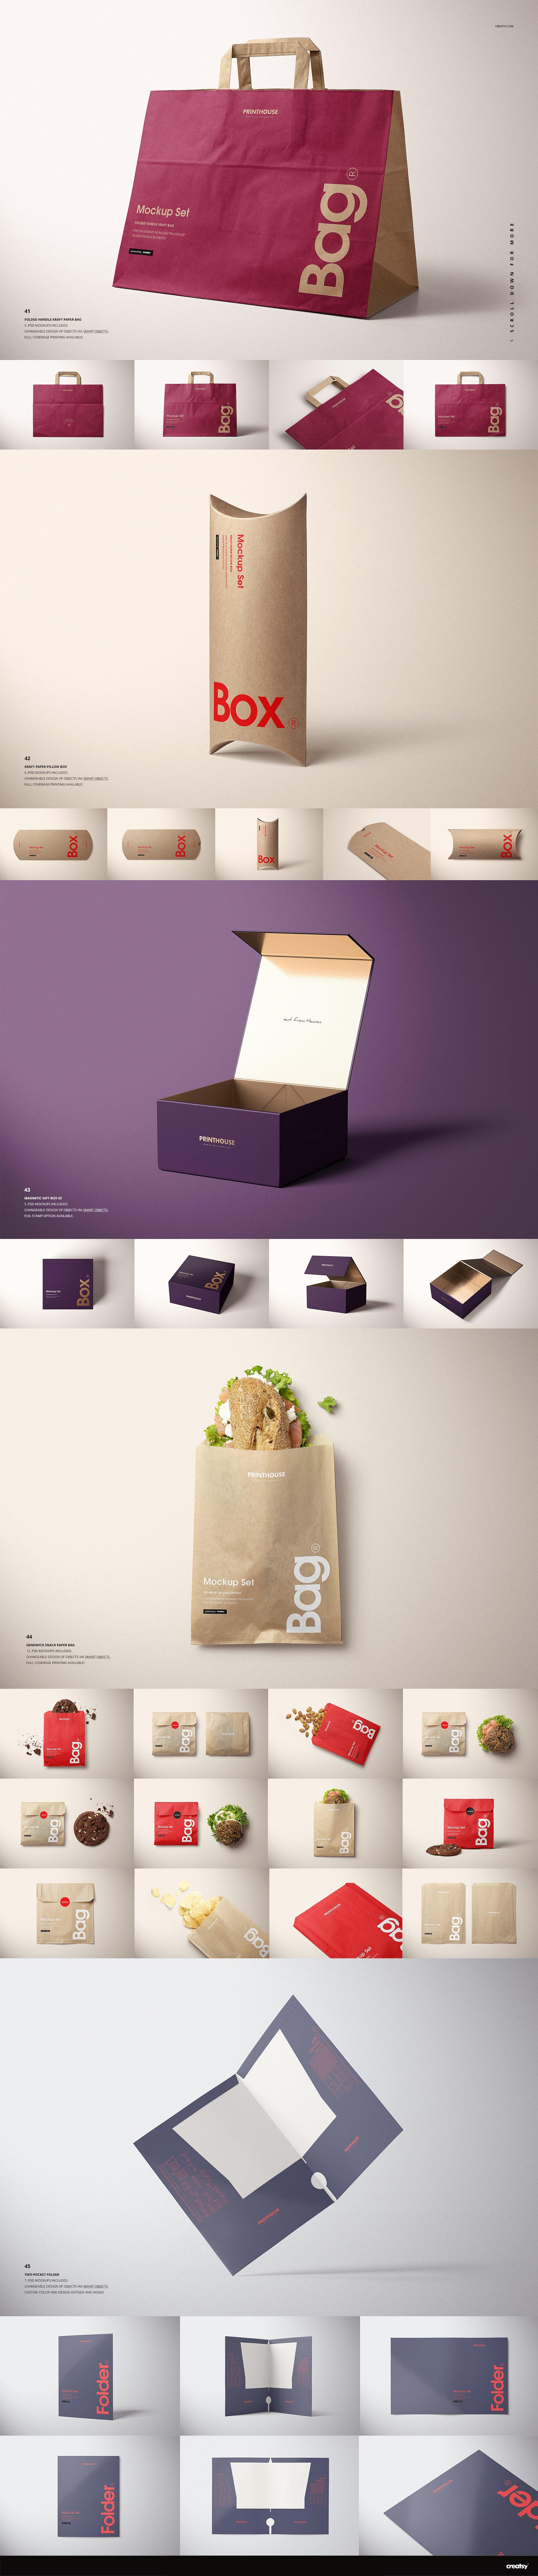 纸袋样机购物袋子包装/礼品盒包装合集样机[ PSD,112GB] Mockups Printhouse-Mockups-Bundle